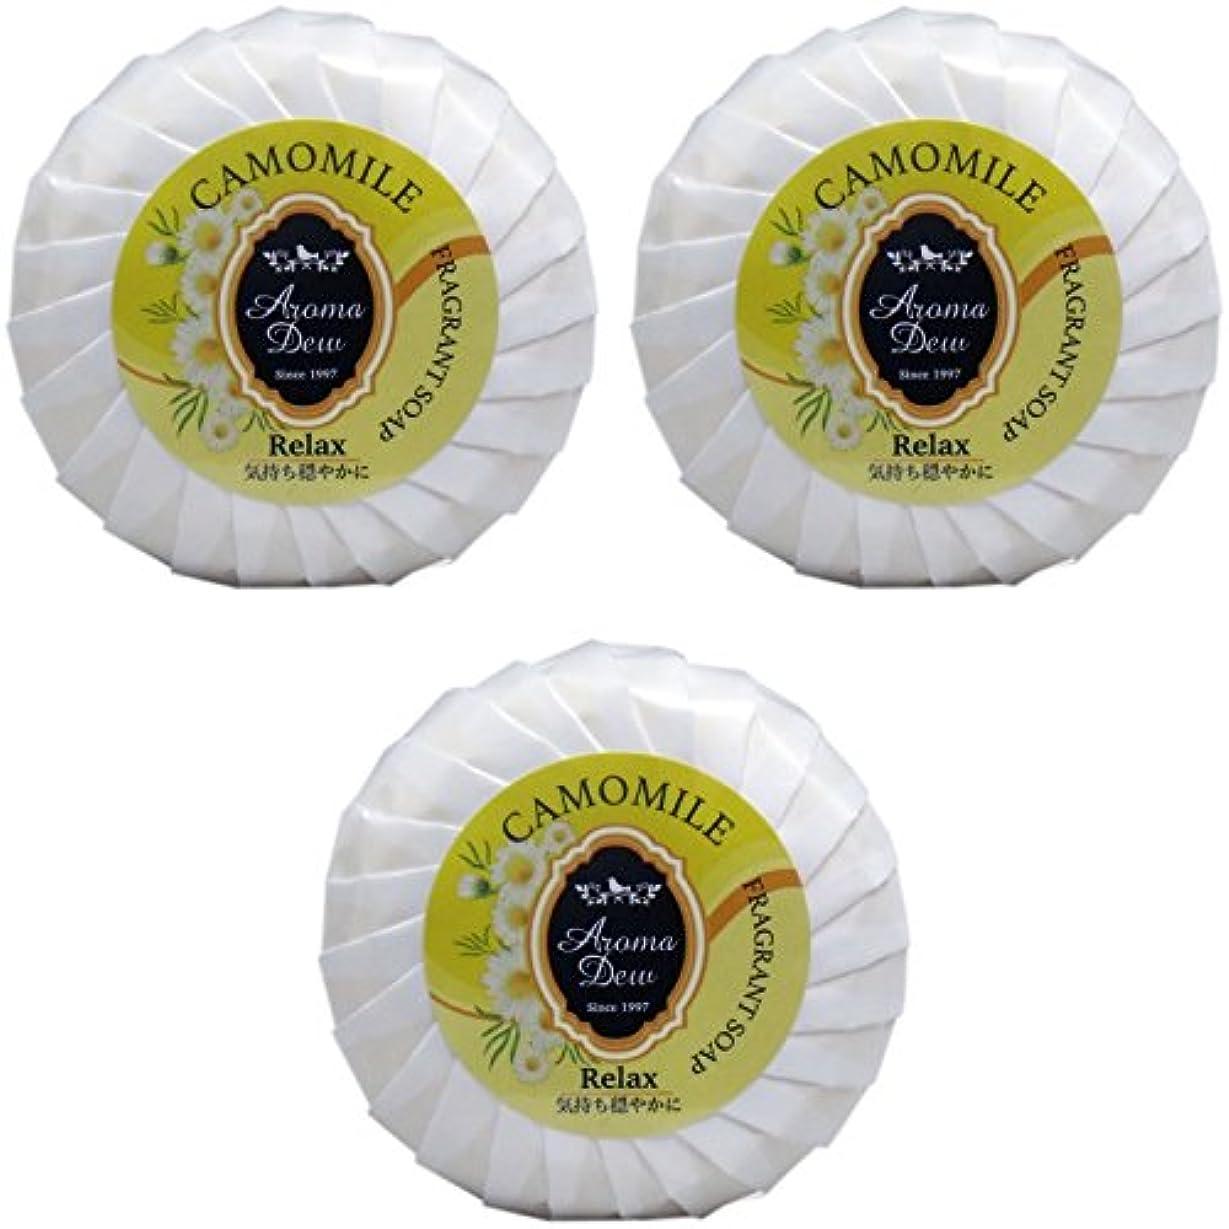 反対曇ったディンカルビル【まとめ買い】アロマデュウ フレグラントソープ カモミールの香り 100g【×3個】